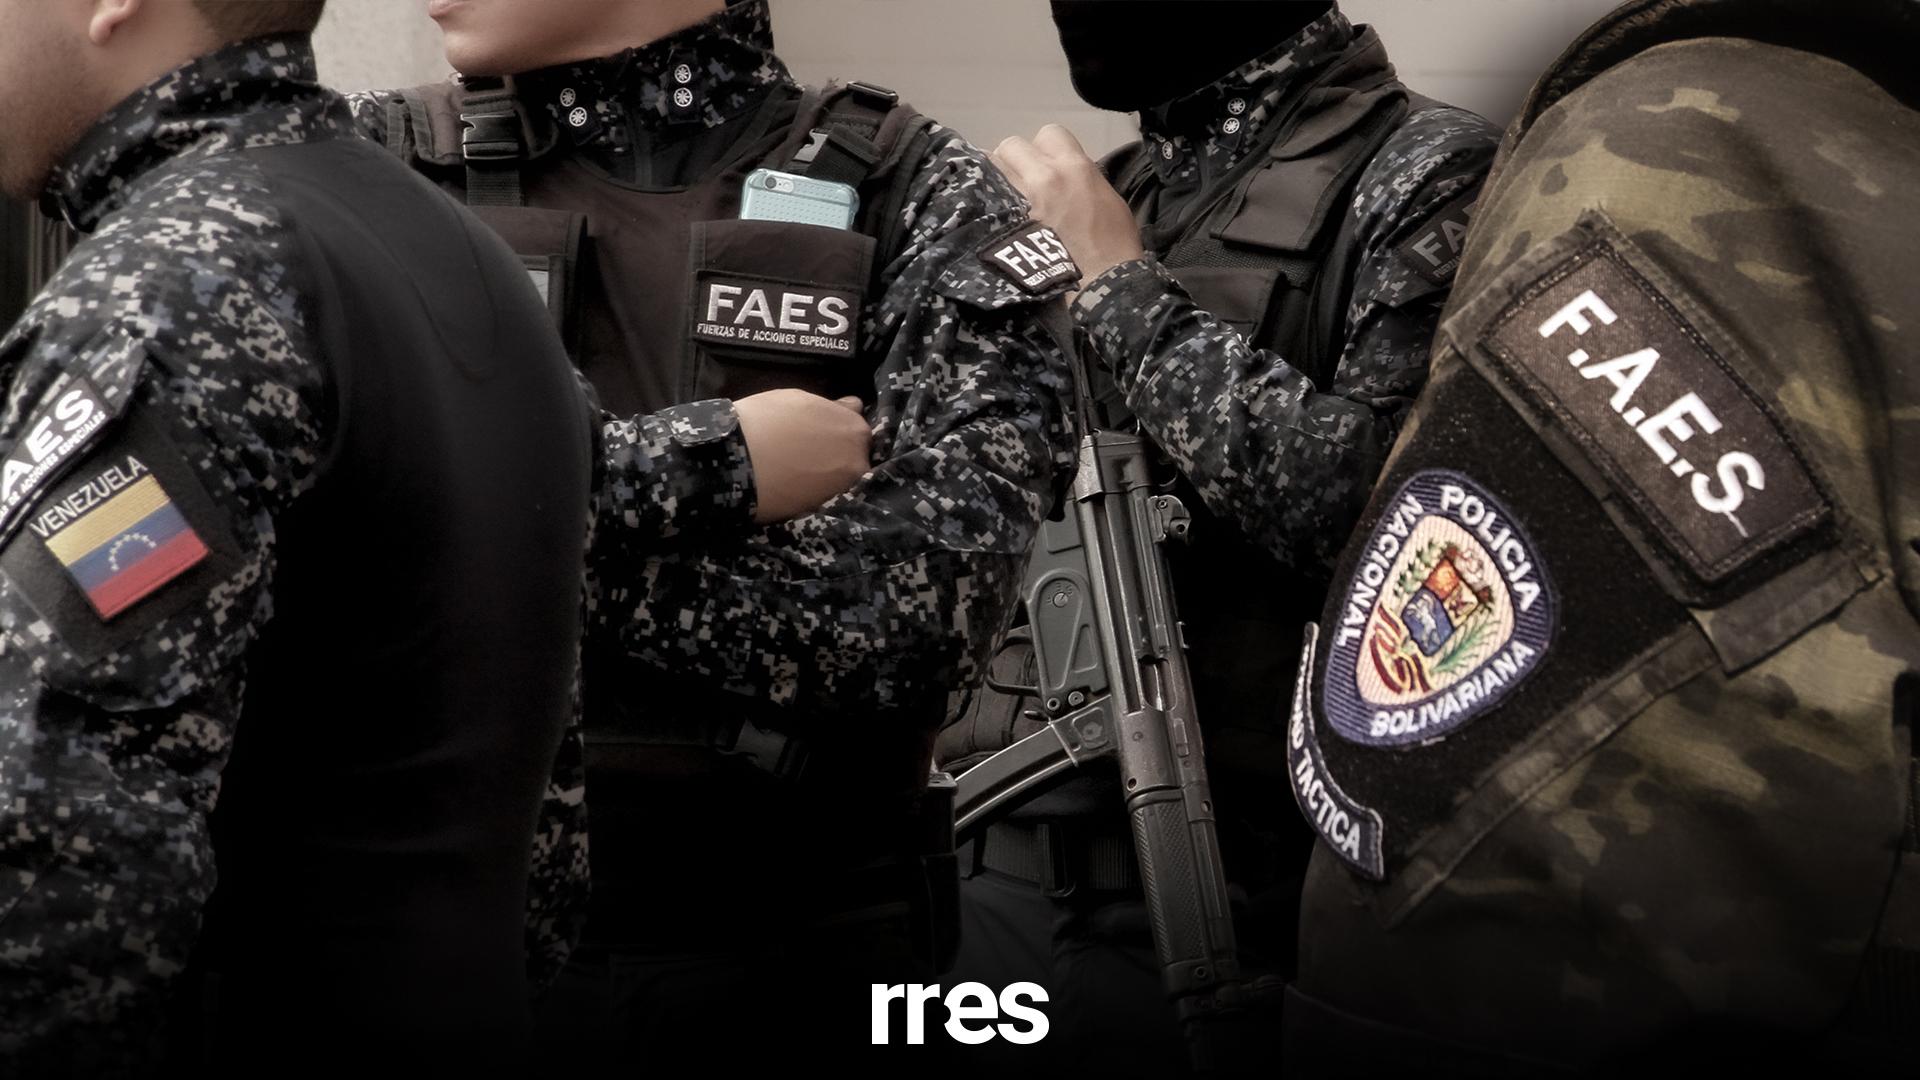 Periodismo fue determinante para conocer y documentar casos del informe de la ONU